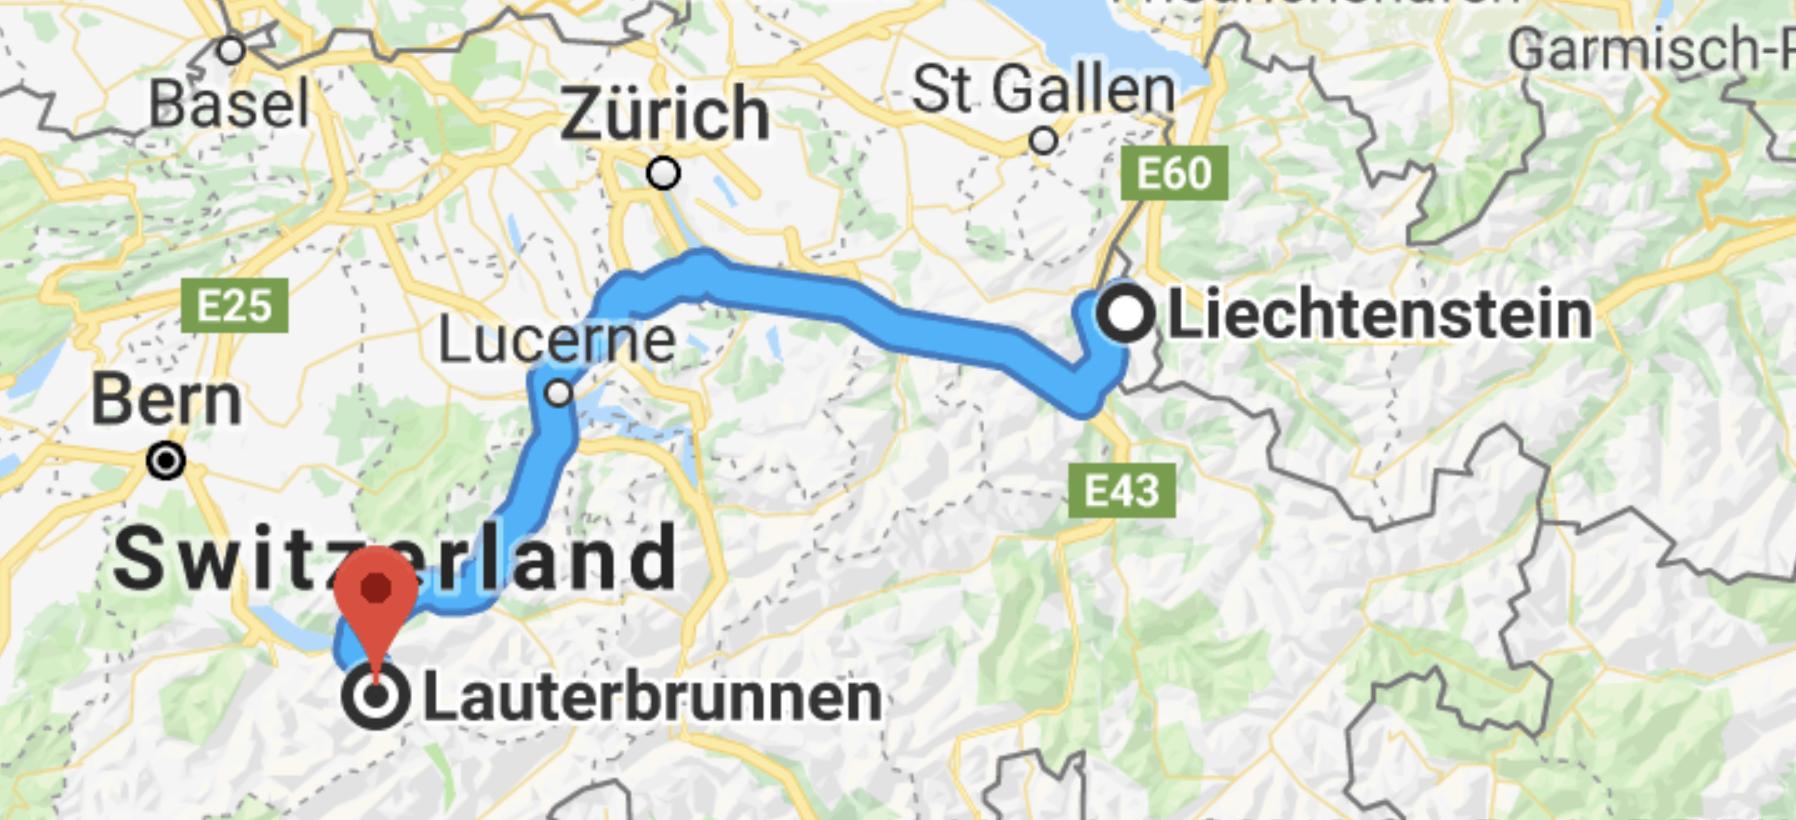 Liechtenstein_to_lauterbrunnen